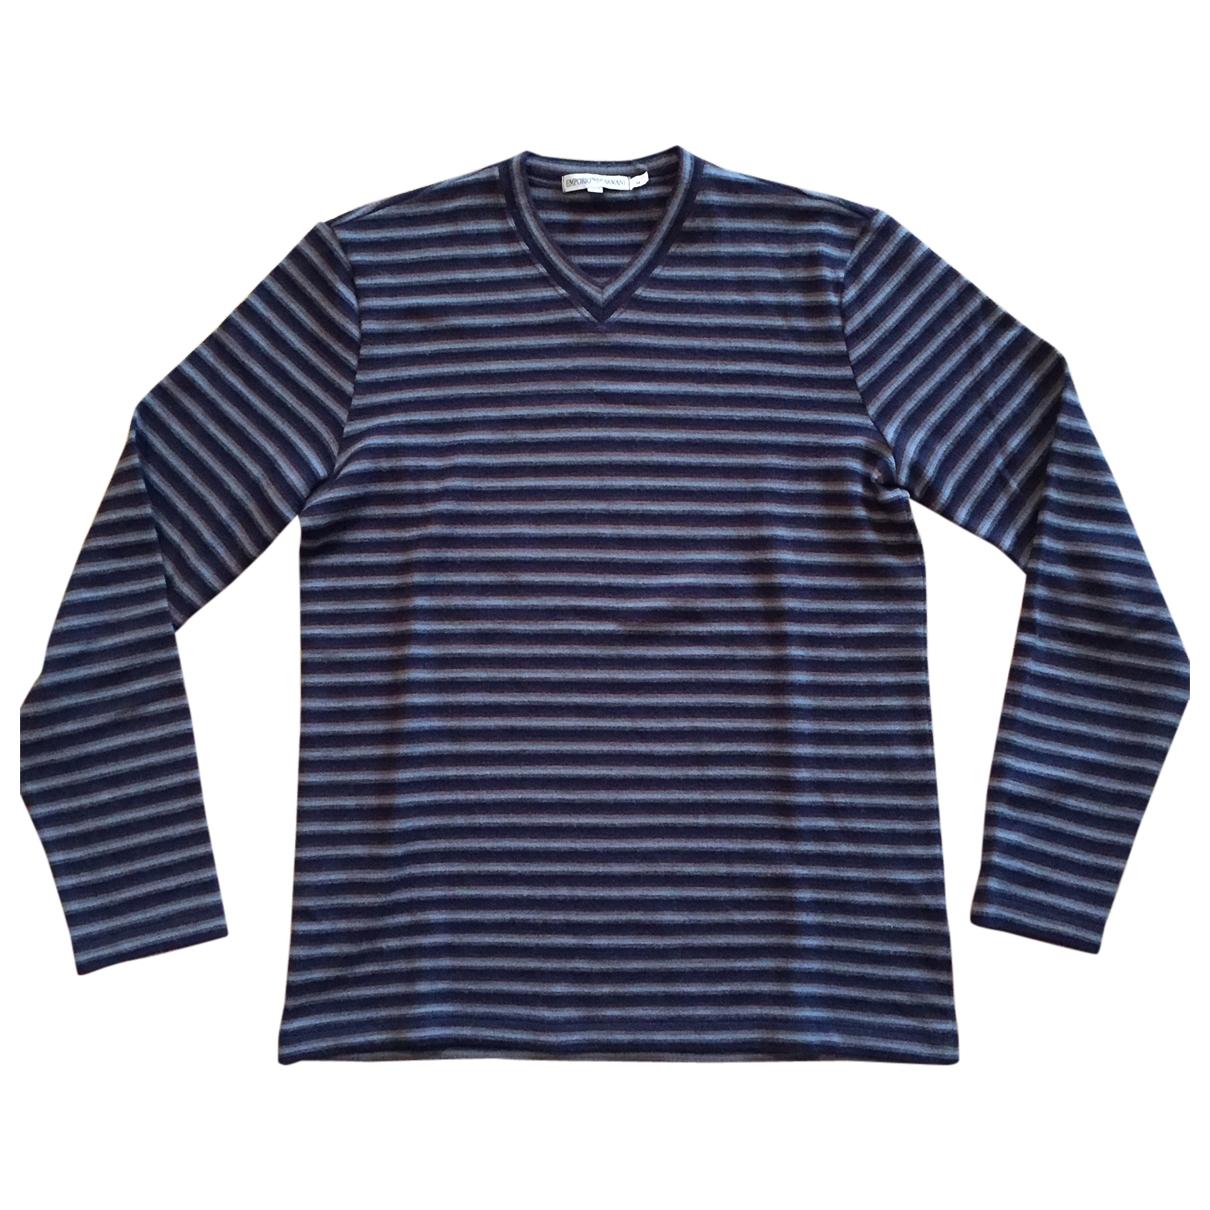 Emporio Armani - Pulls.Gilets.Sweats   pour homme en laine - multicolore